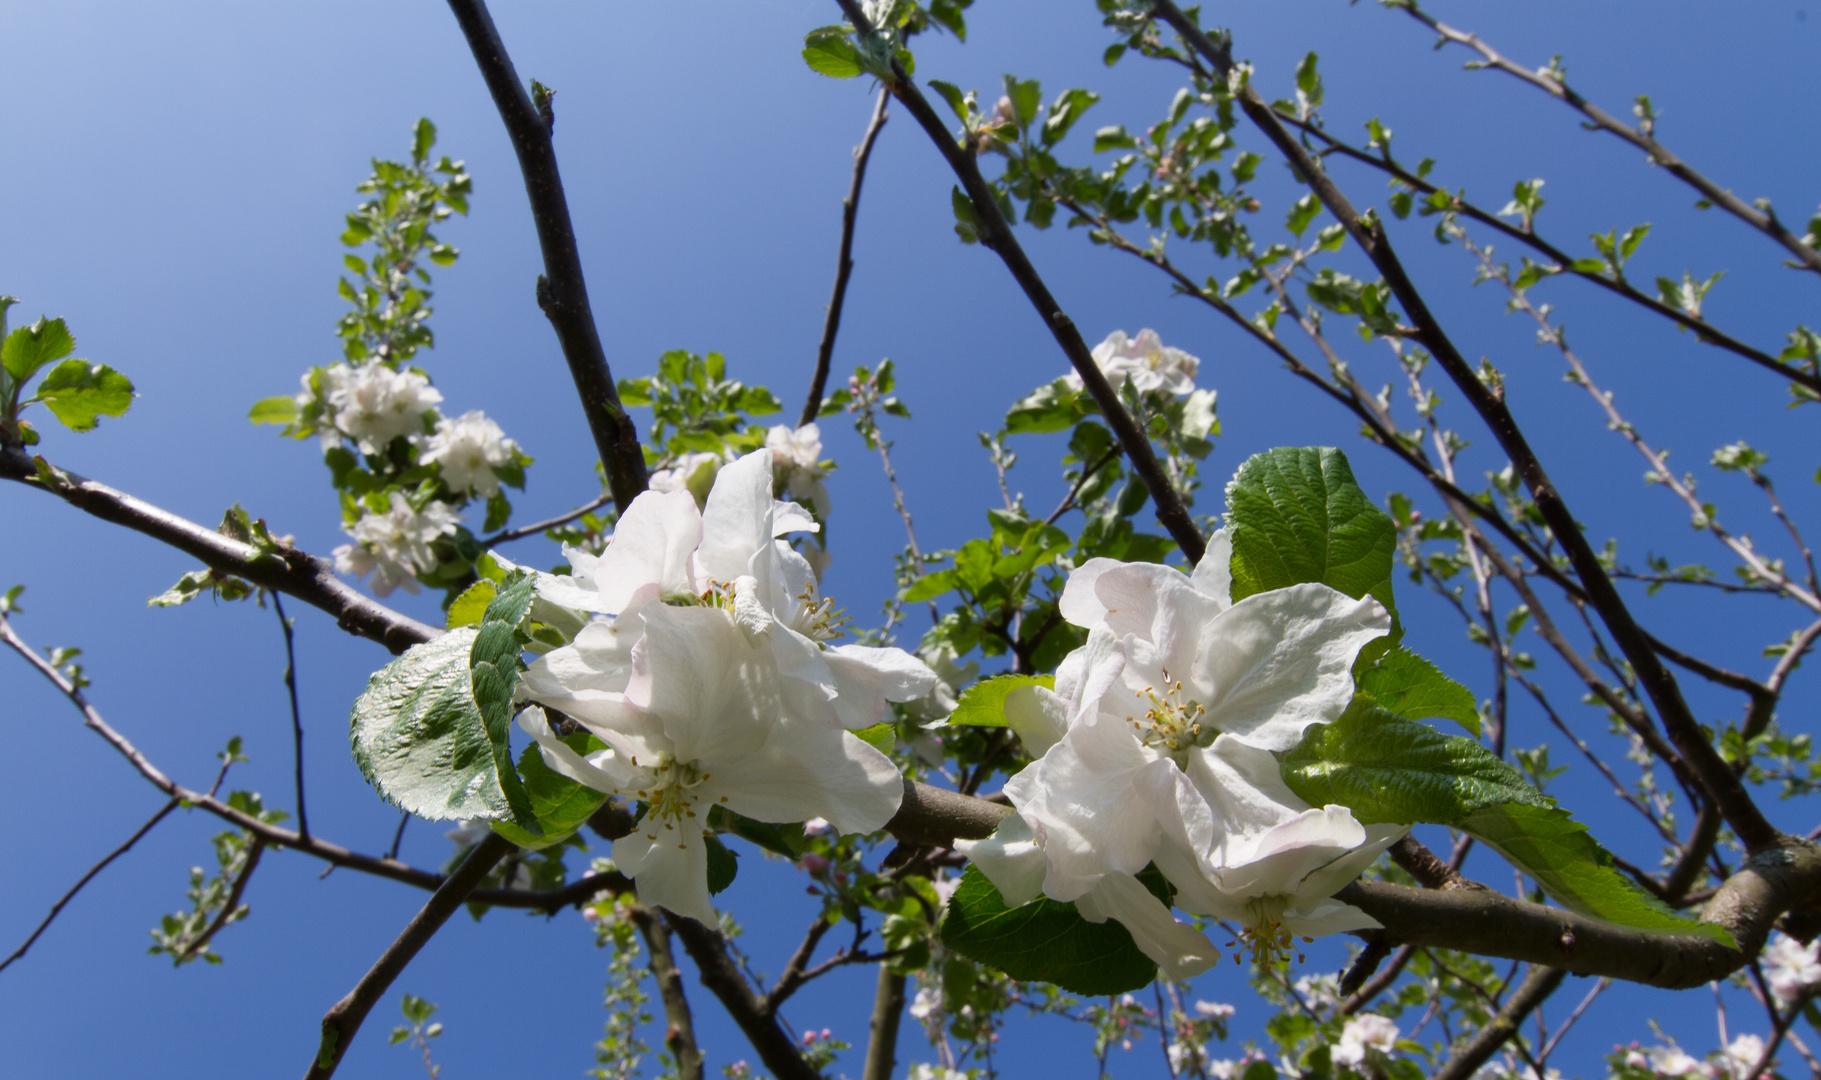 Denn mein Apfelbaum wächst in den Himmel...